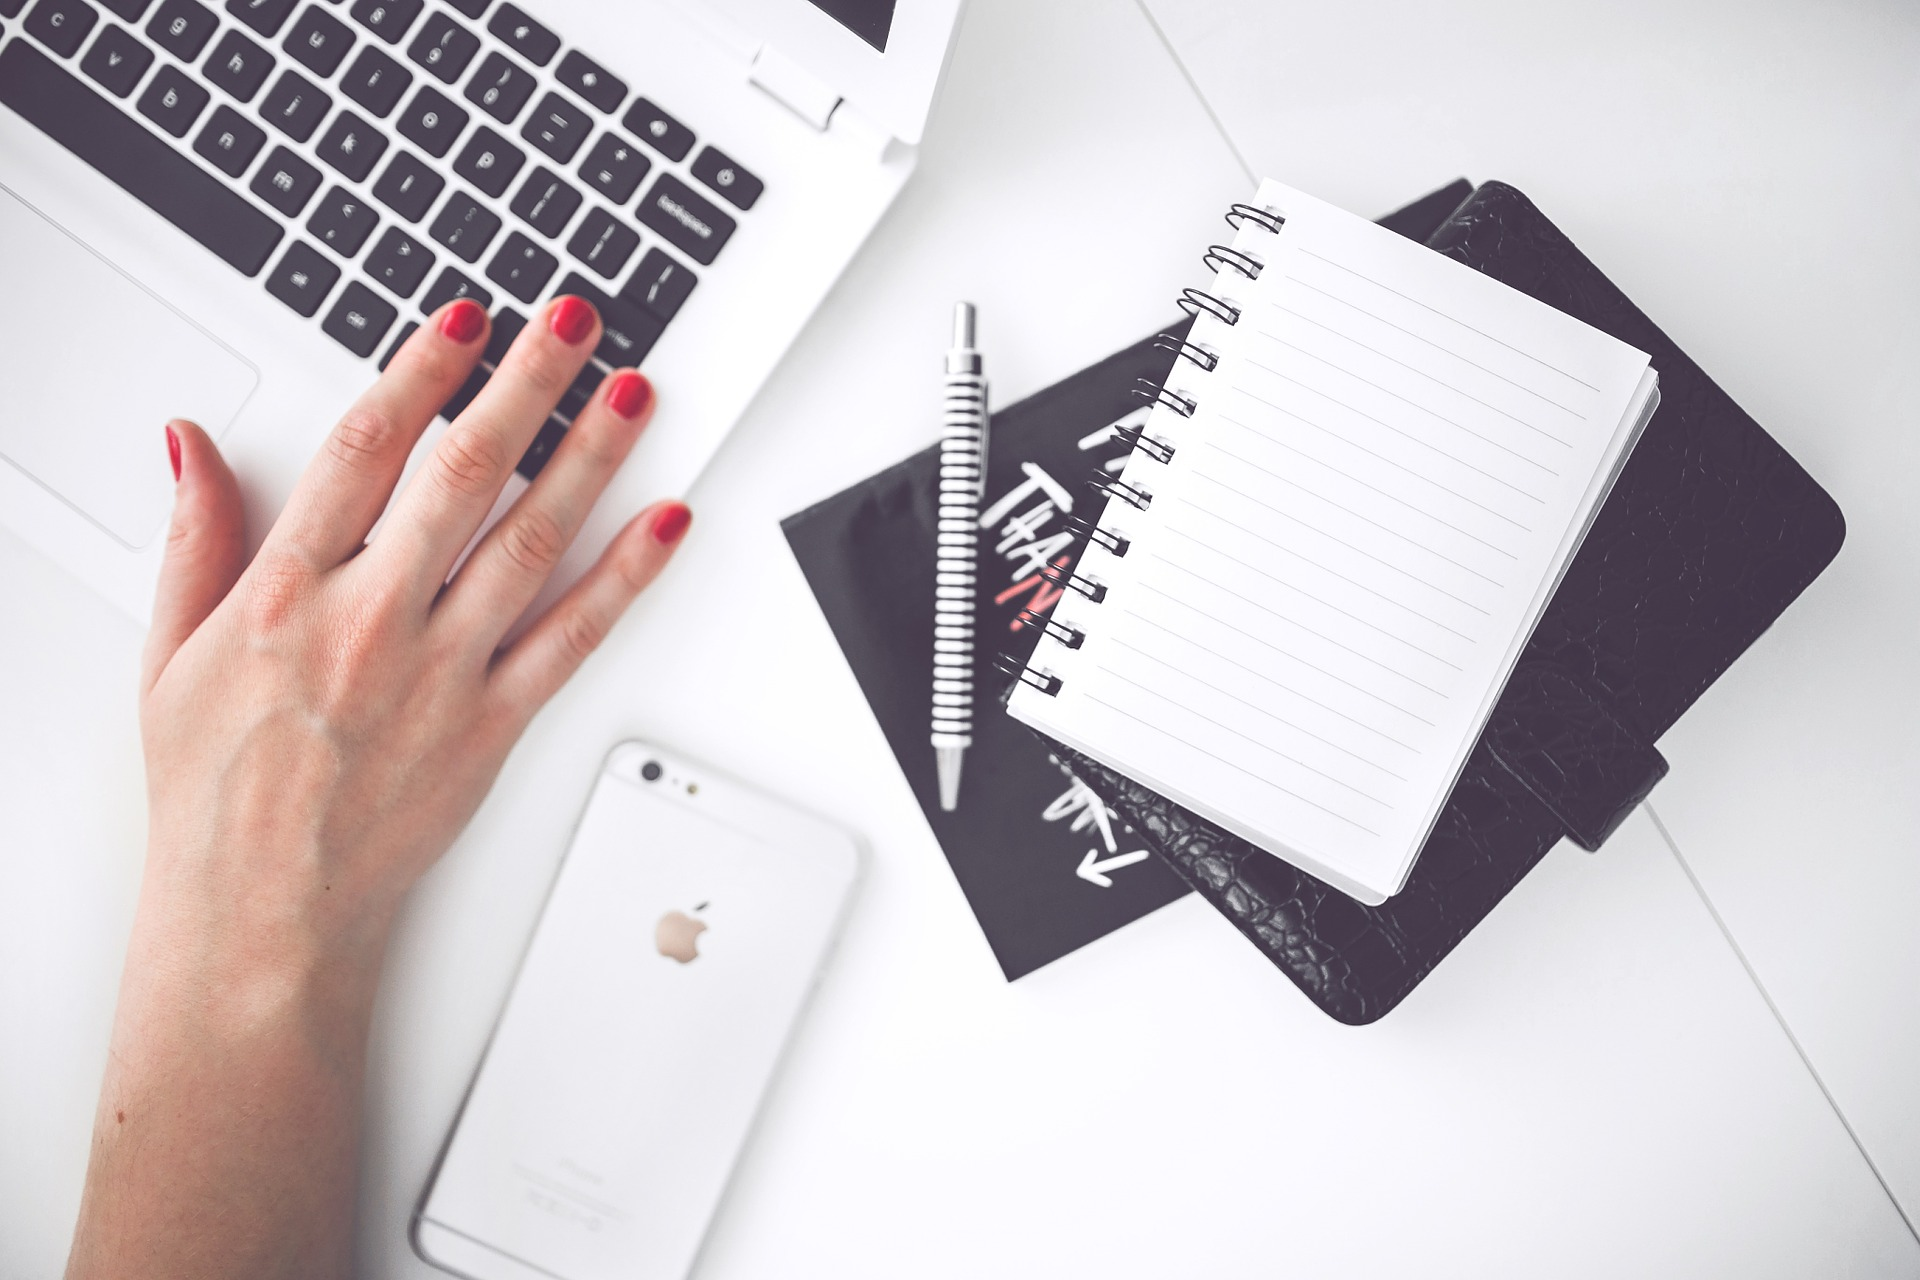 SEOに強いブログとは?仕組みと書き方のコツをわかりやすく解説